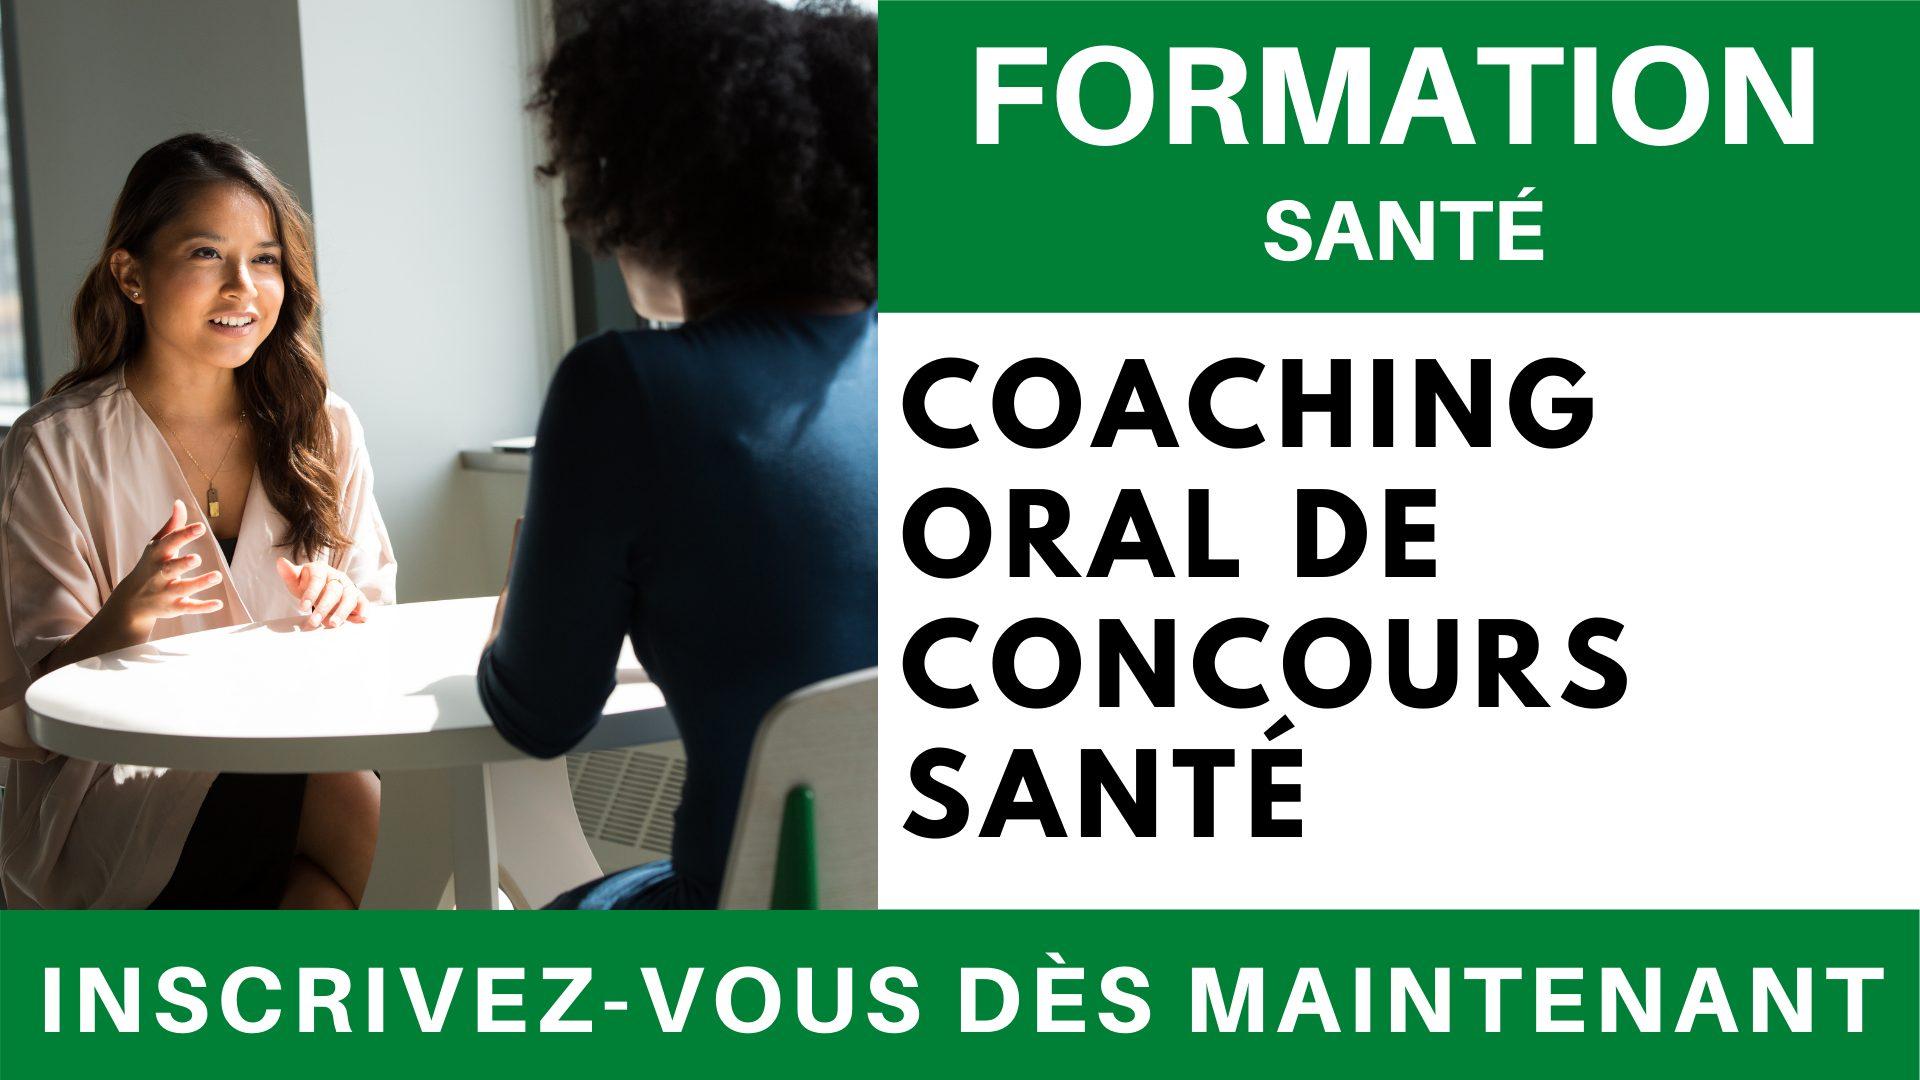 Formation SANTE - Coaching Oral de Concours Santé